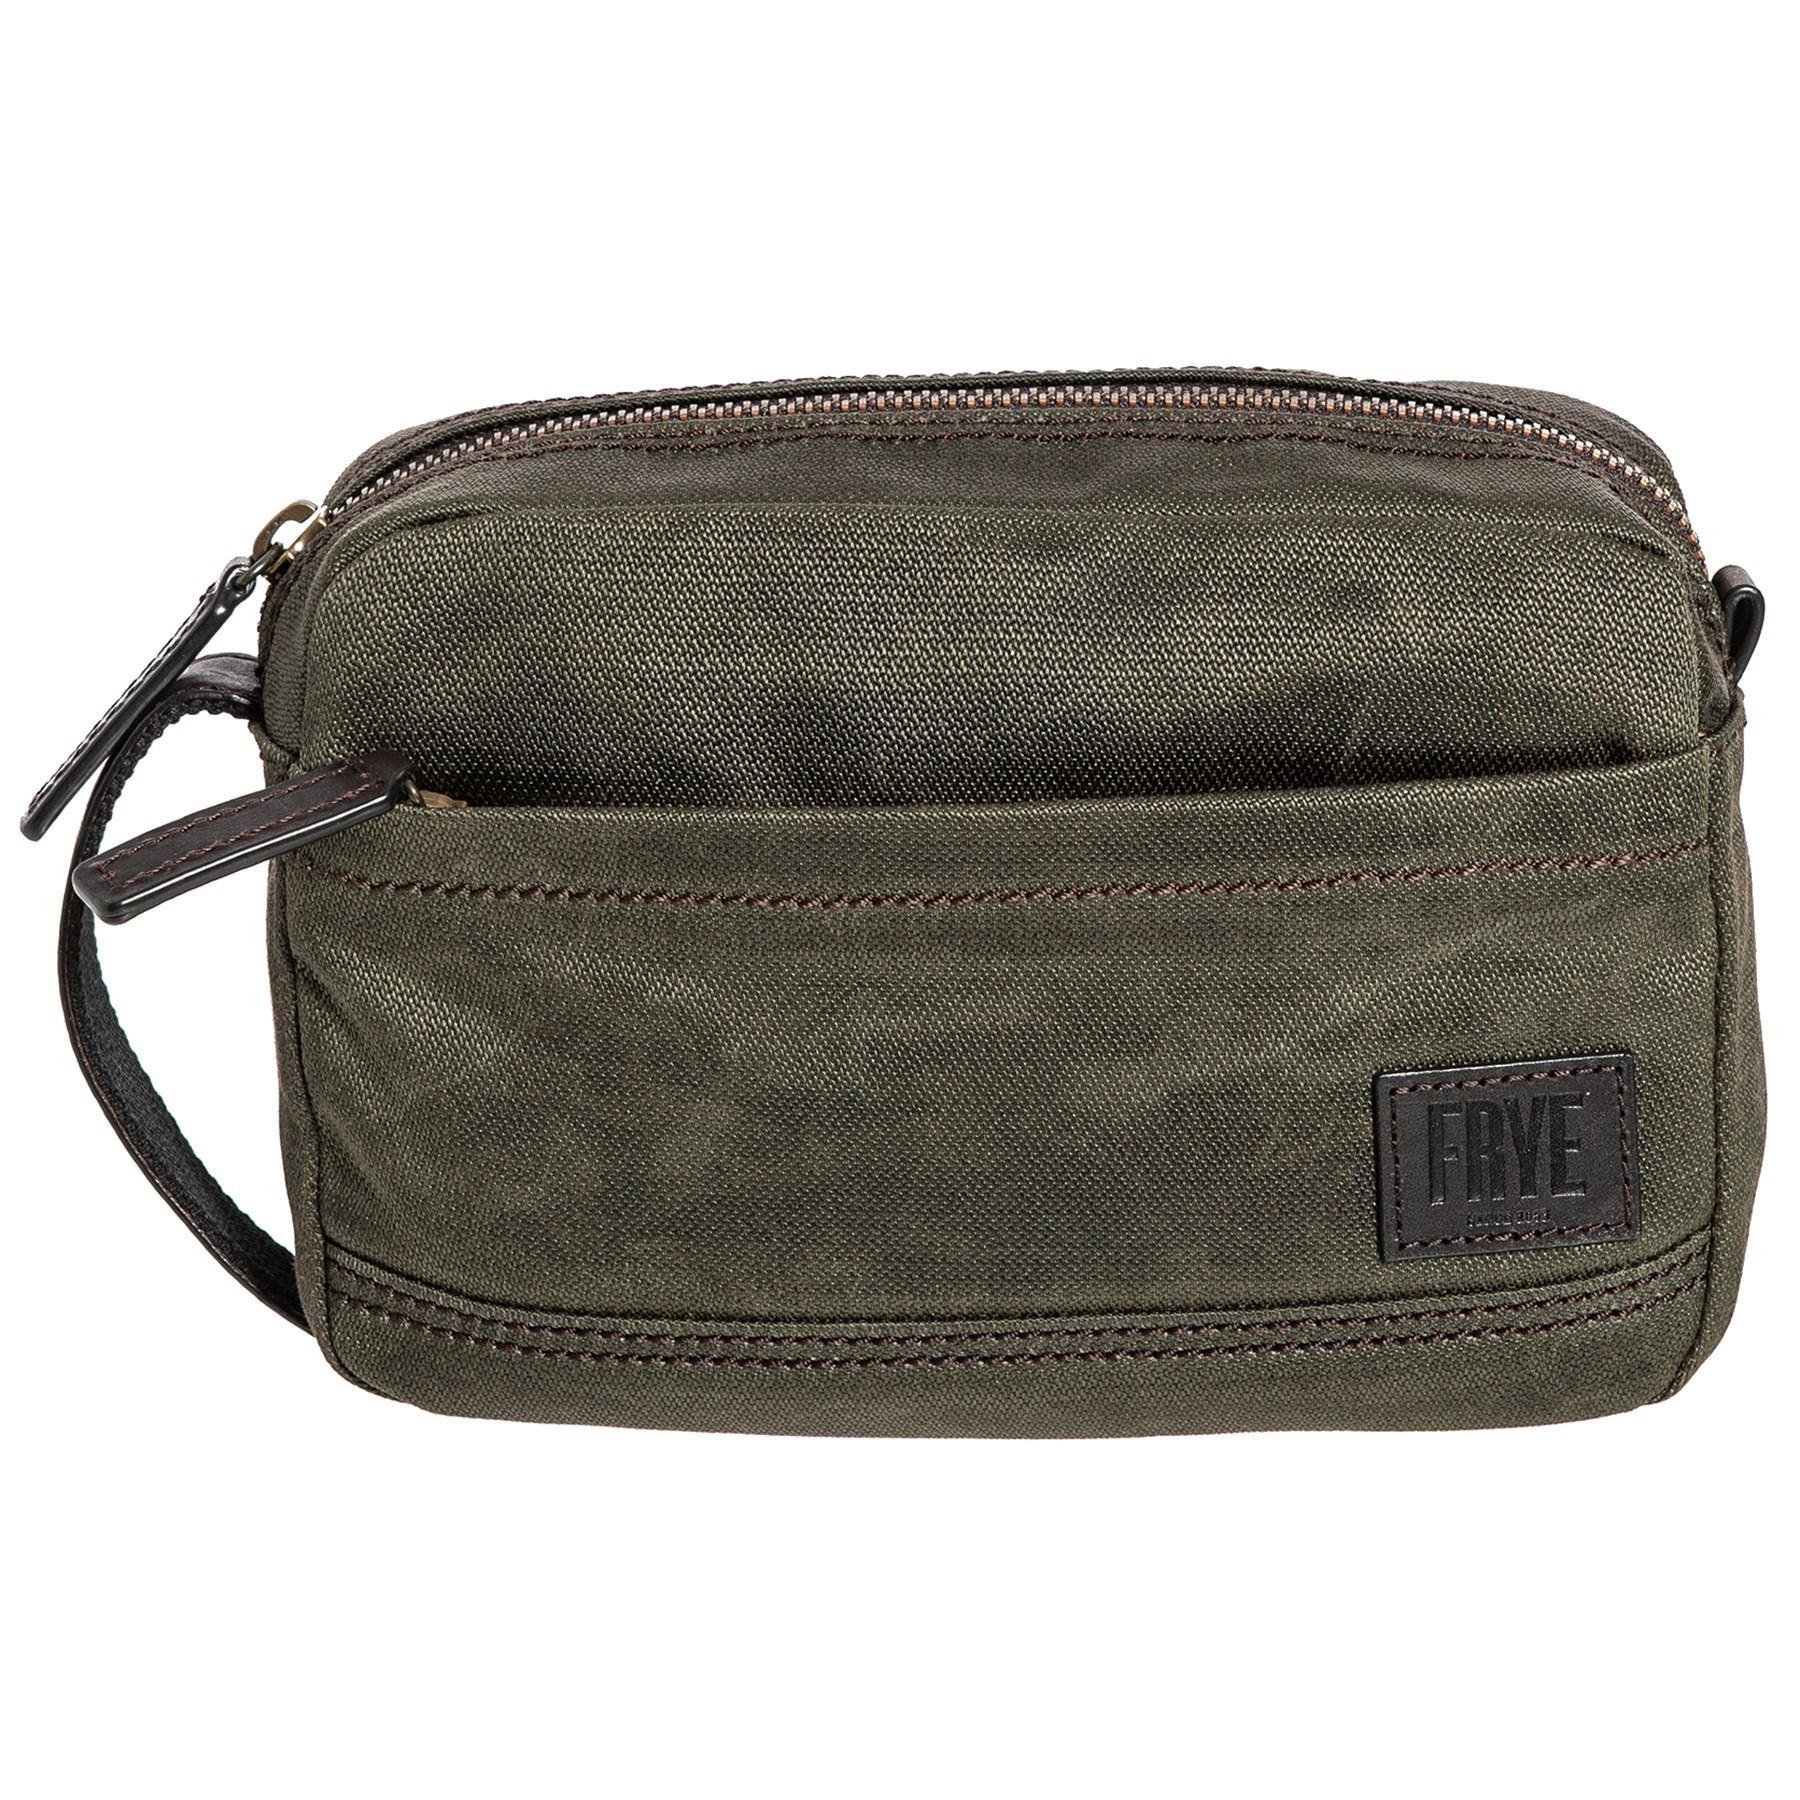 888f702431 Lyst - Frye Carter Slim Dopp Kit (for Men) in Green for Men